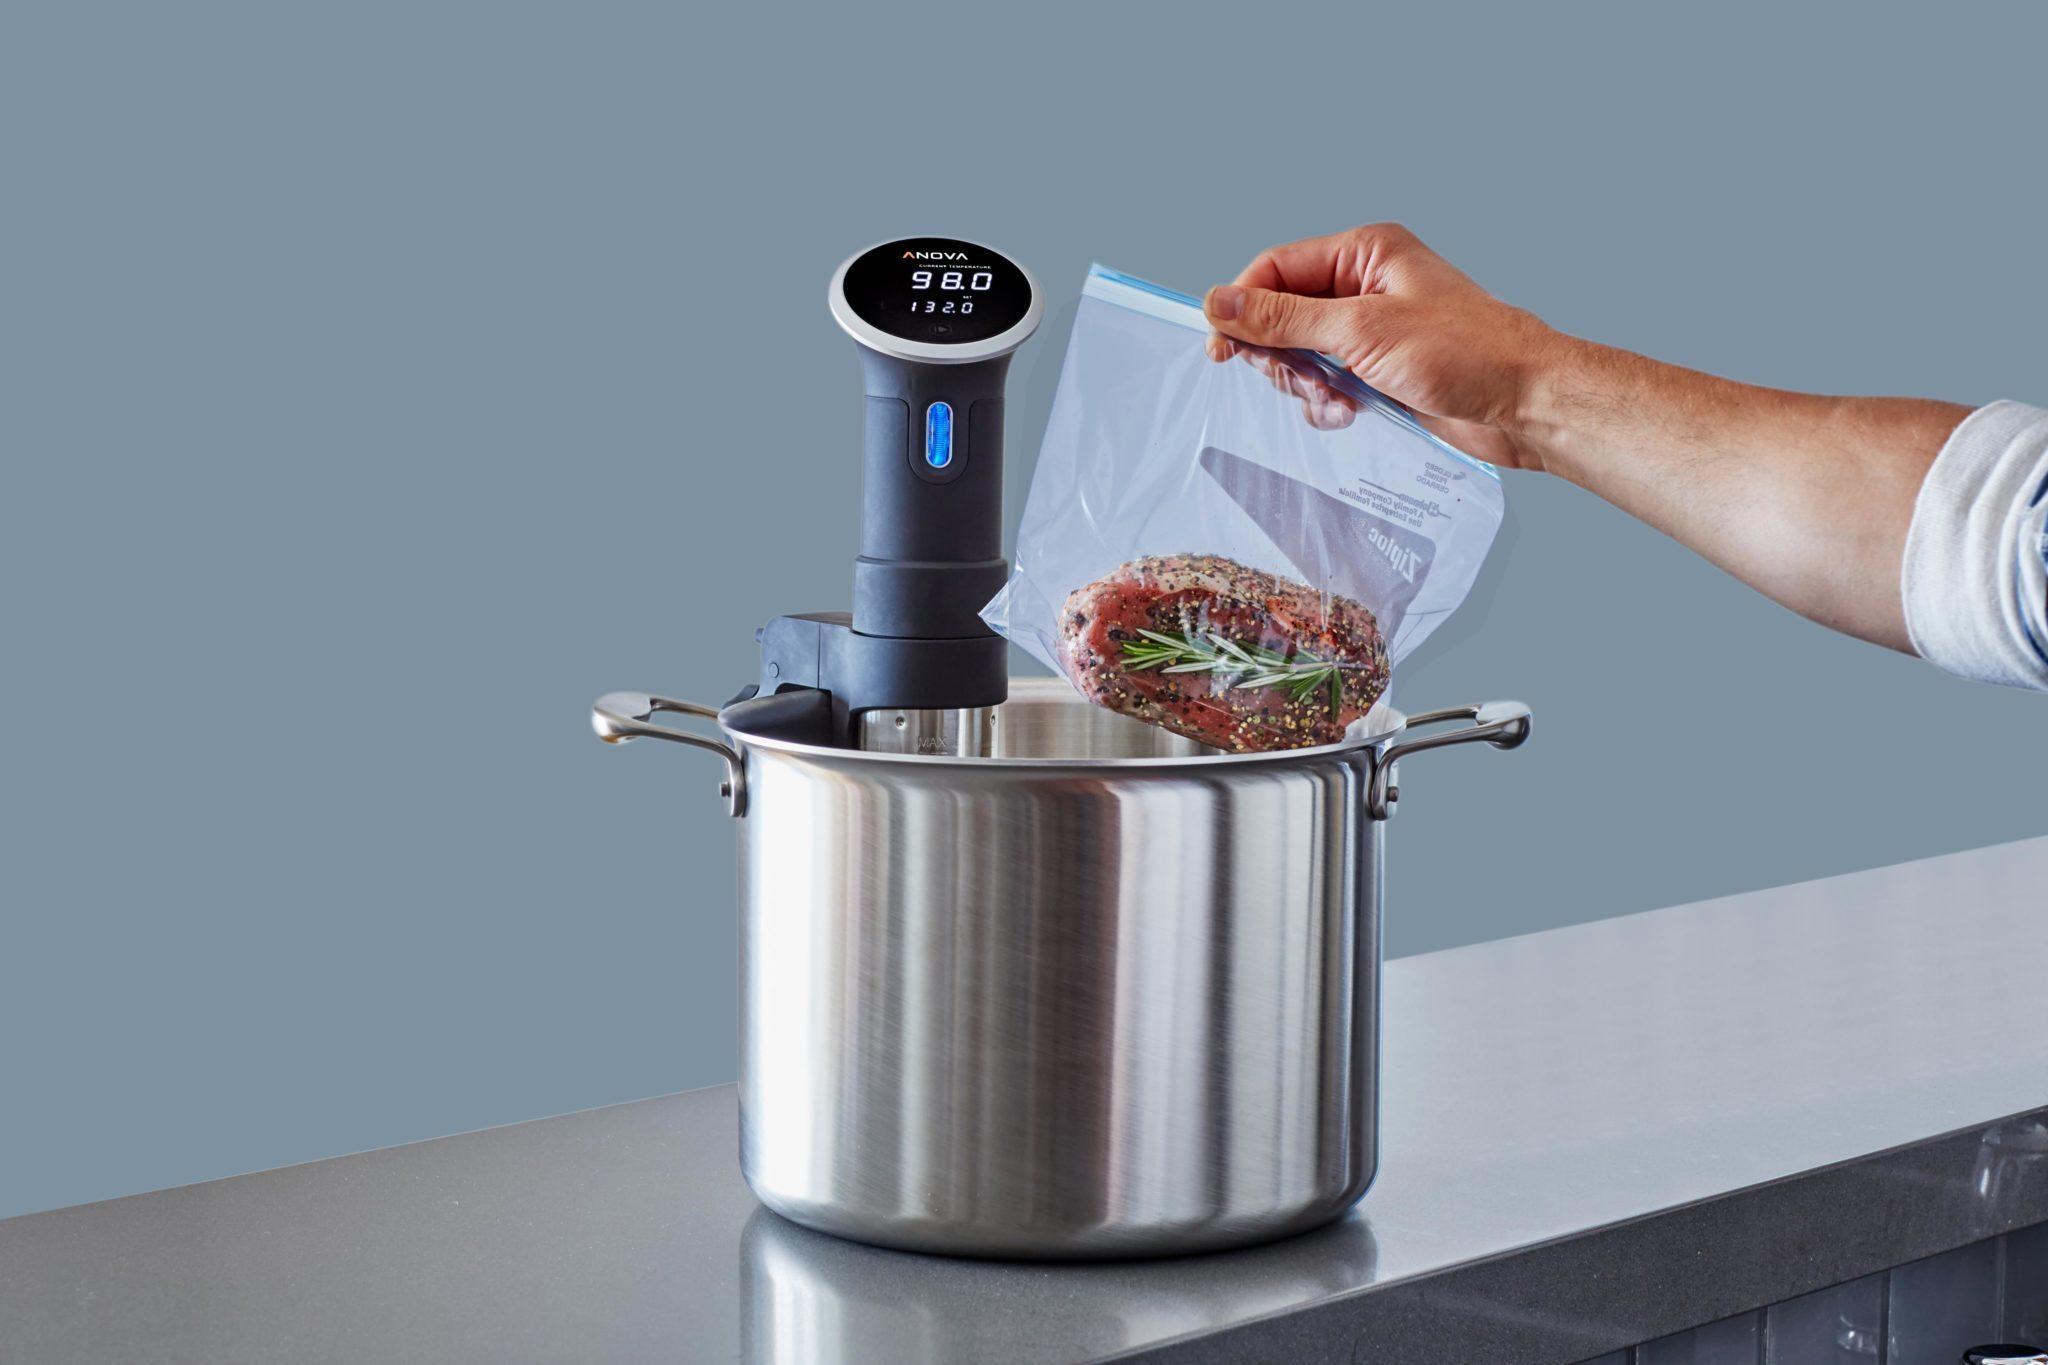 Anova Precision Cooker | HeraldScotland